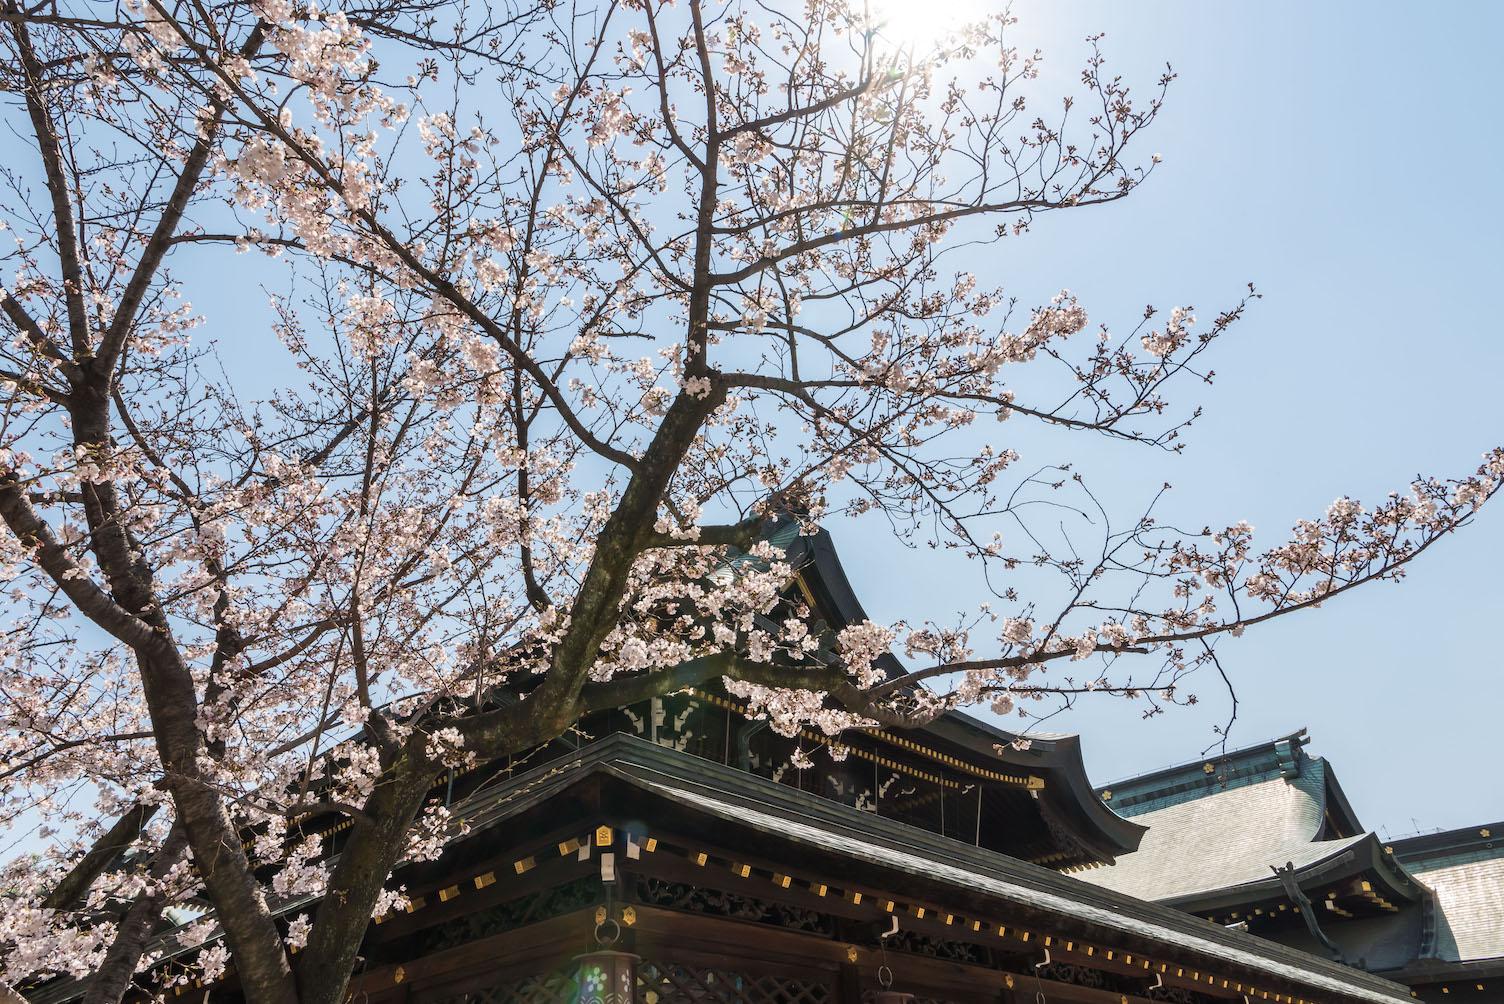 大阪天満宮と桜の花